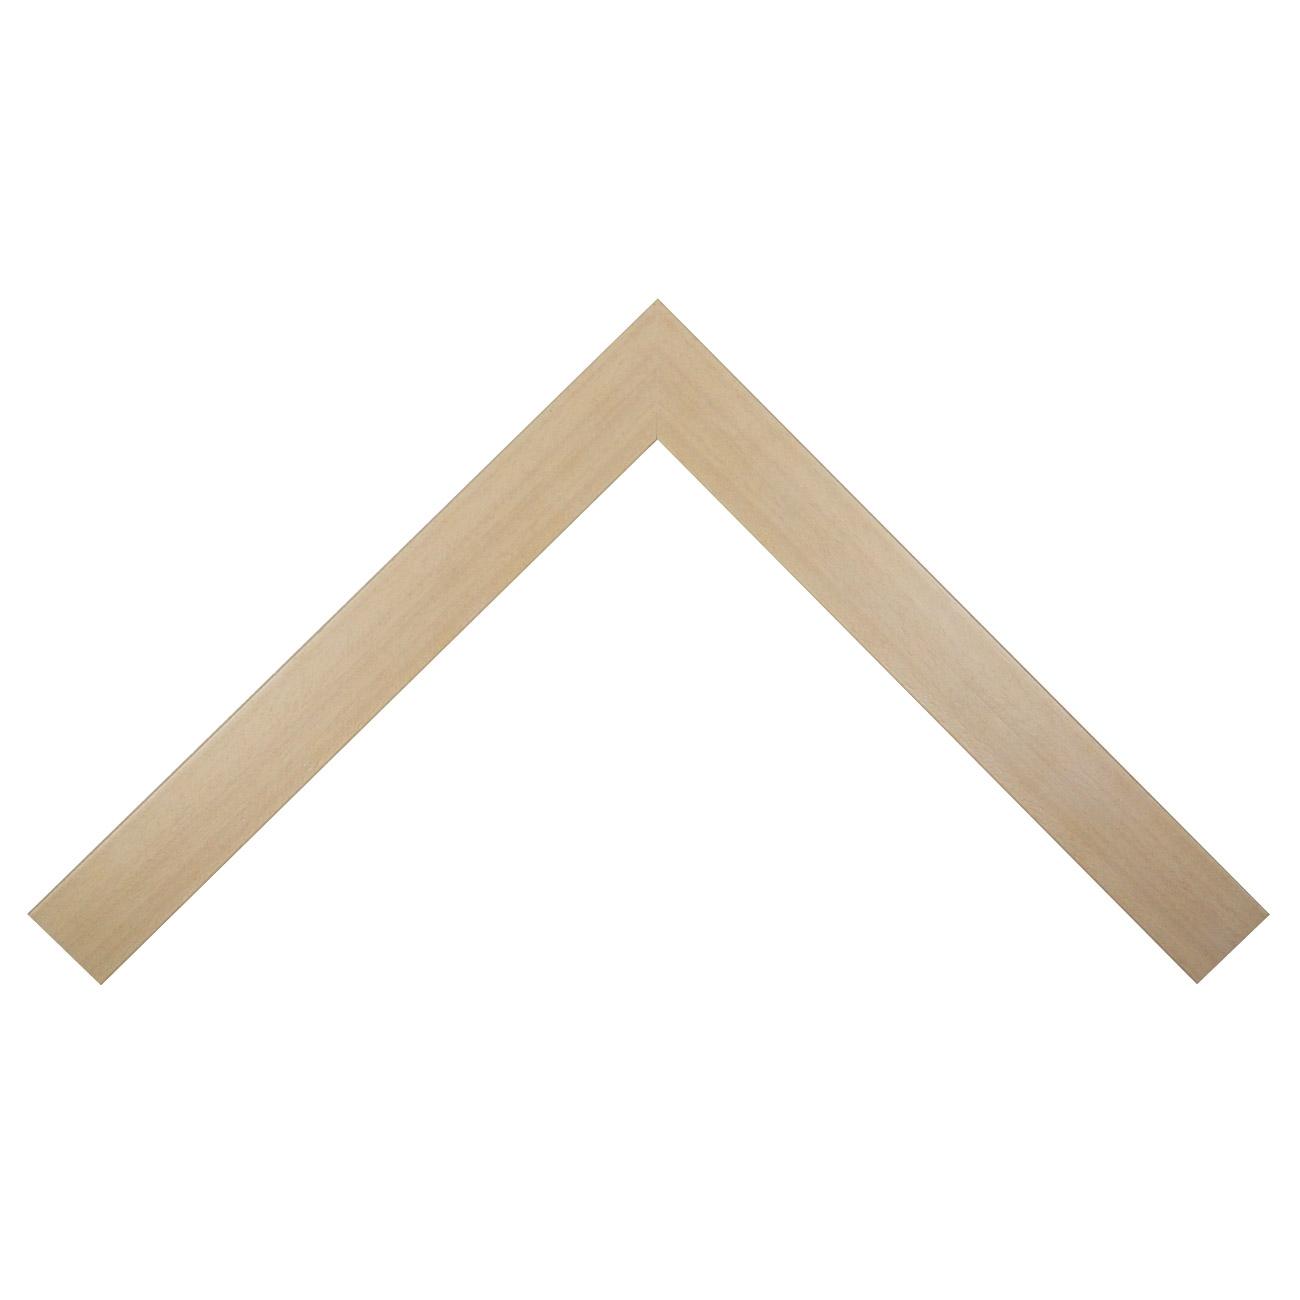 Baguette bois profil plat largeur 4.1cm couleur naturel crème satiné